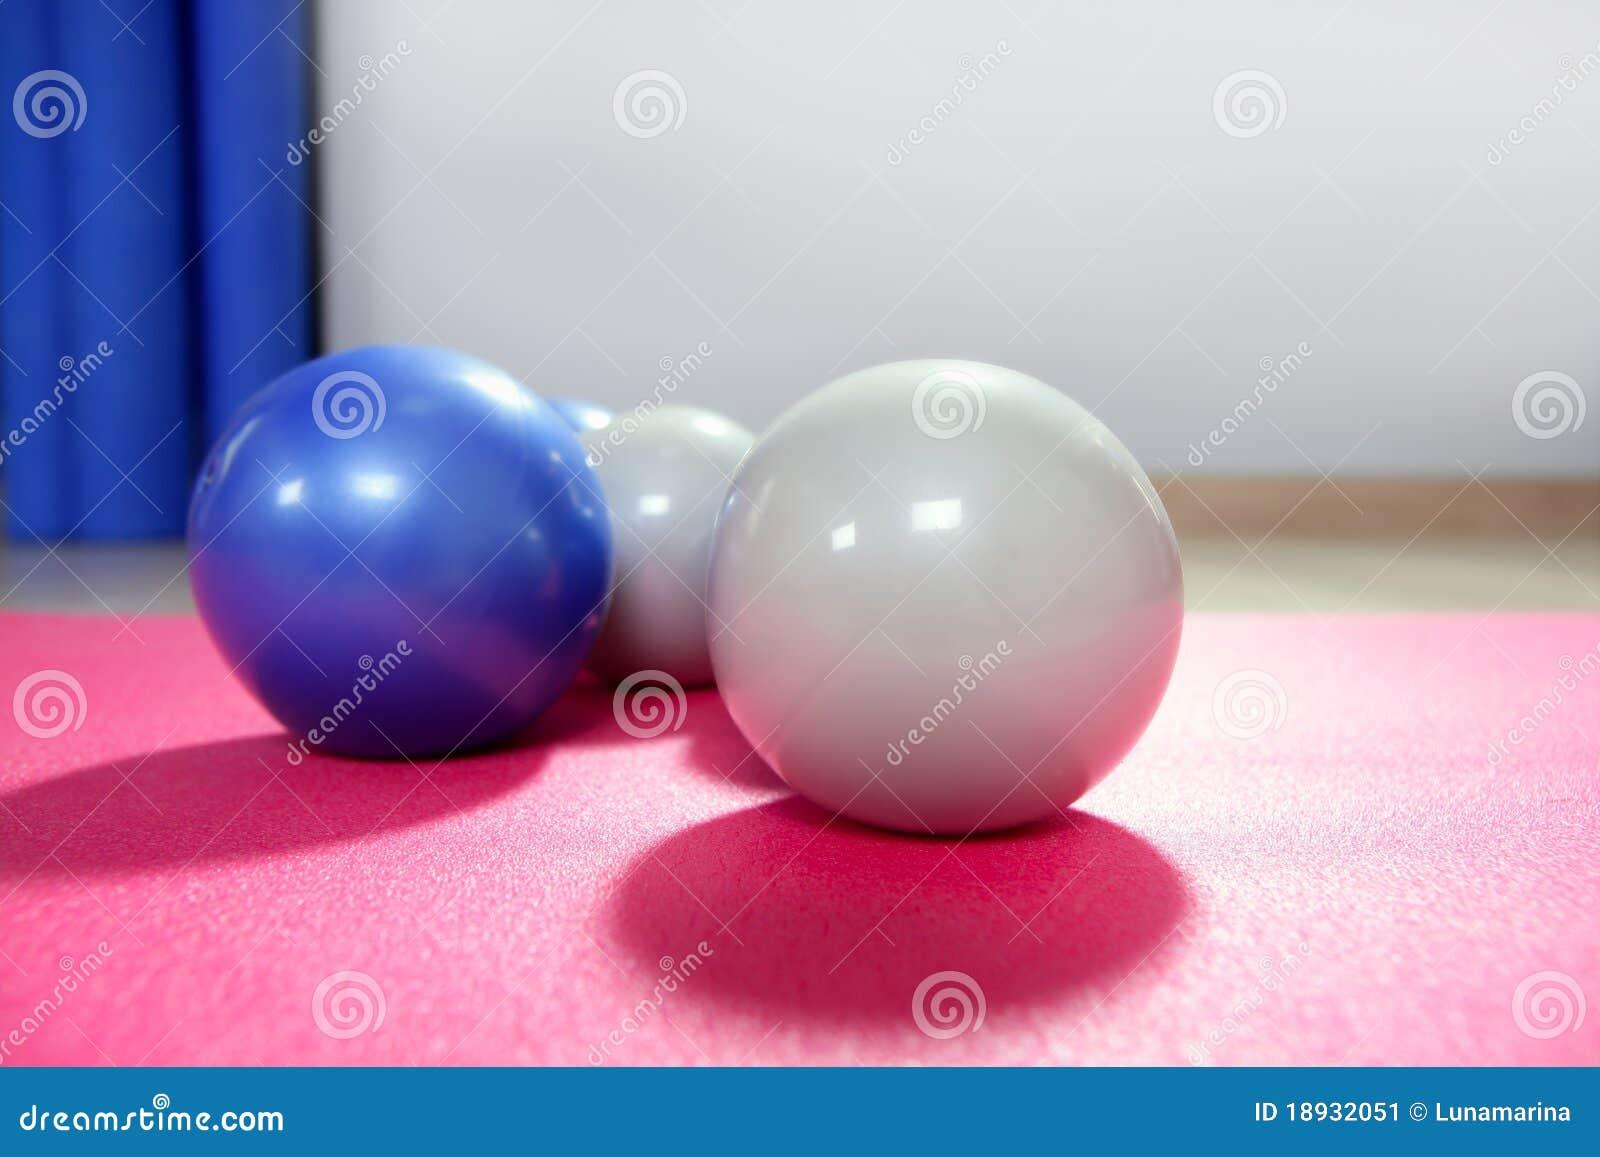 Pilates che modifica le sfere la tonalità sopra la stuoia rossa di yoga